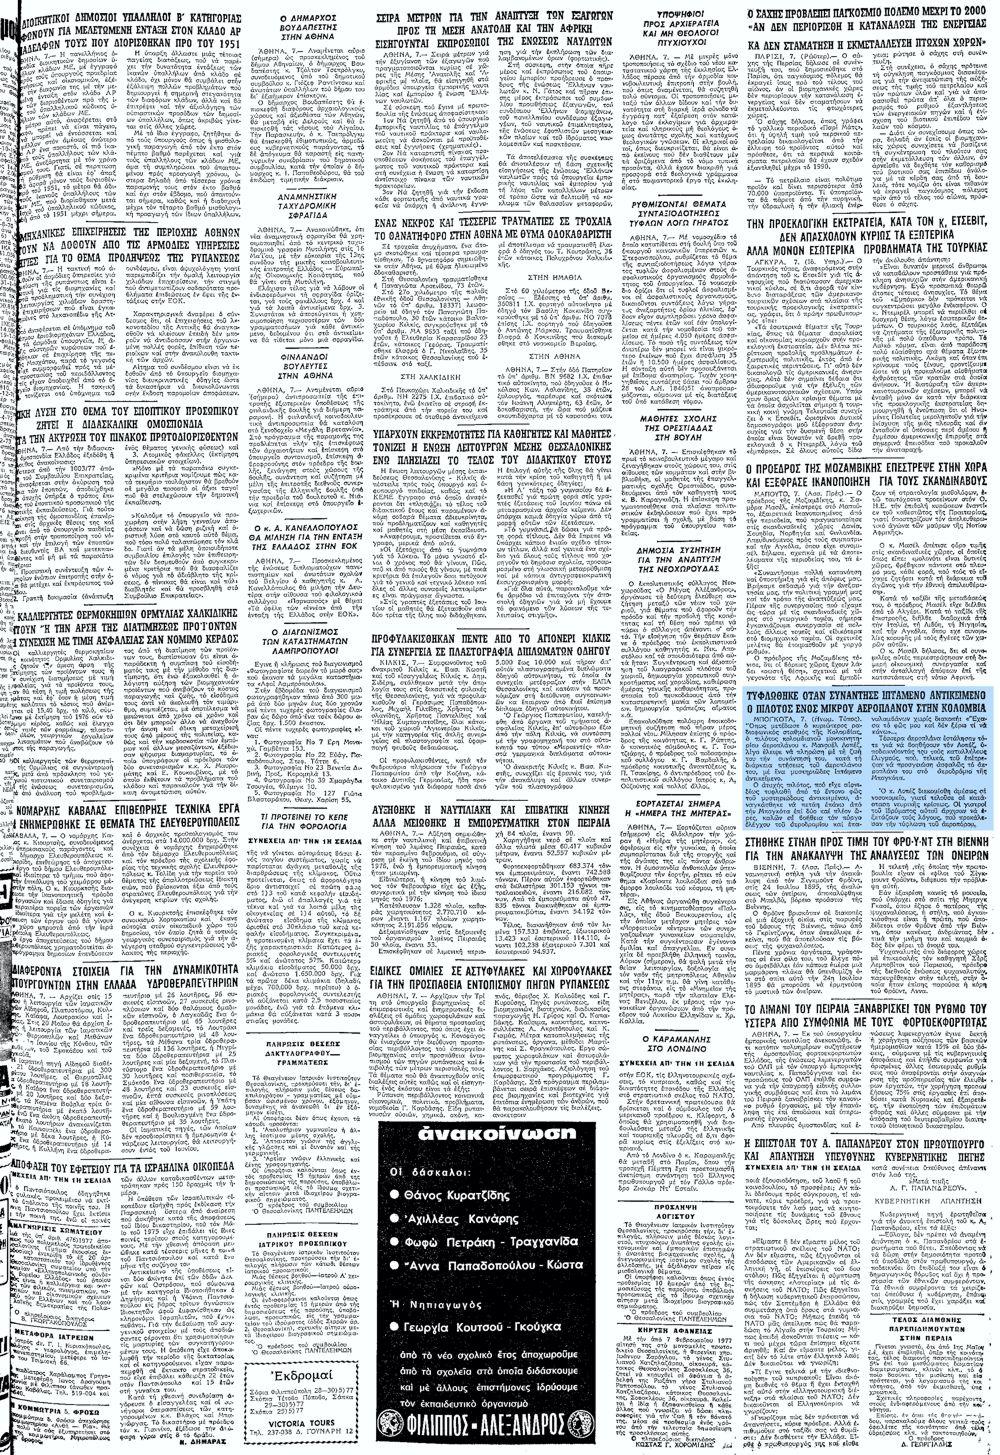 """Το άρθρο, όπως δημοσιεύθηκε στην εφημερίδα """"ΜΑΚΕΔΟΝΙΑ"""", στις 08/05/1977"""